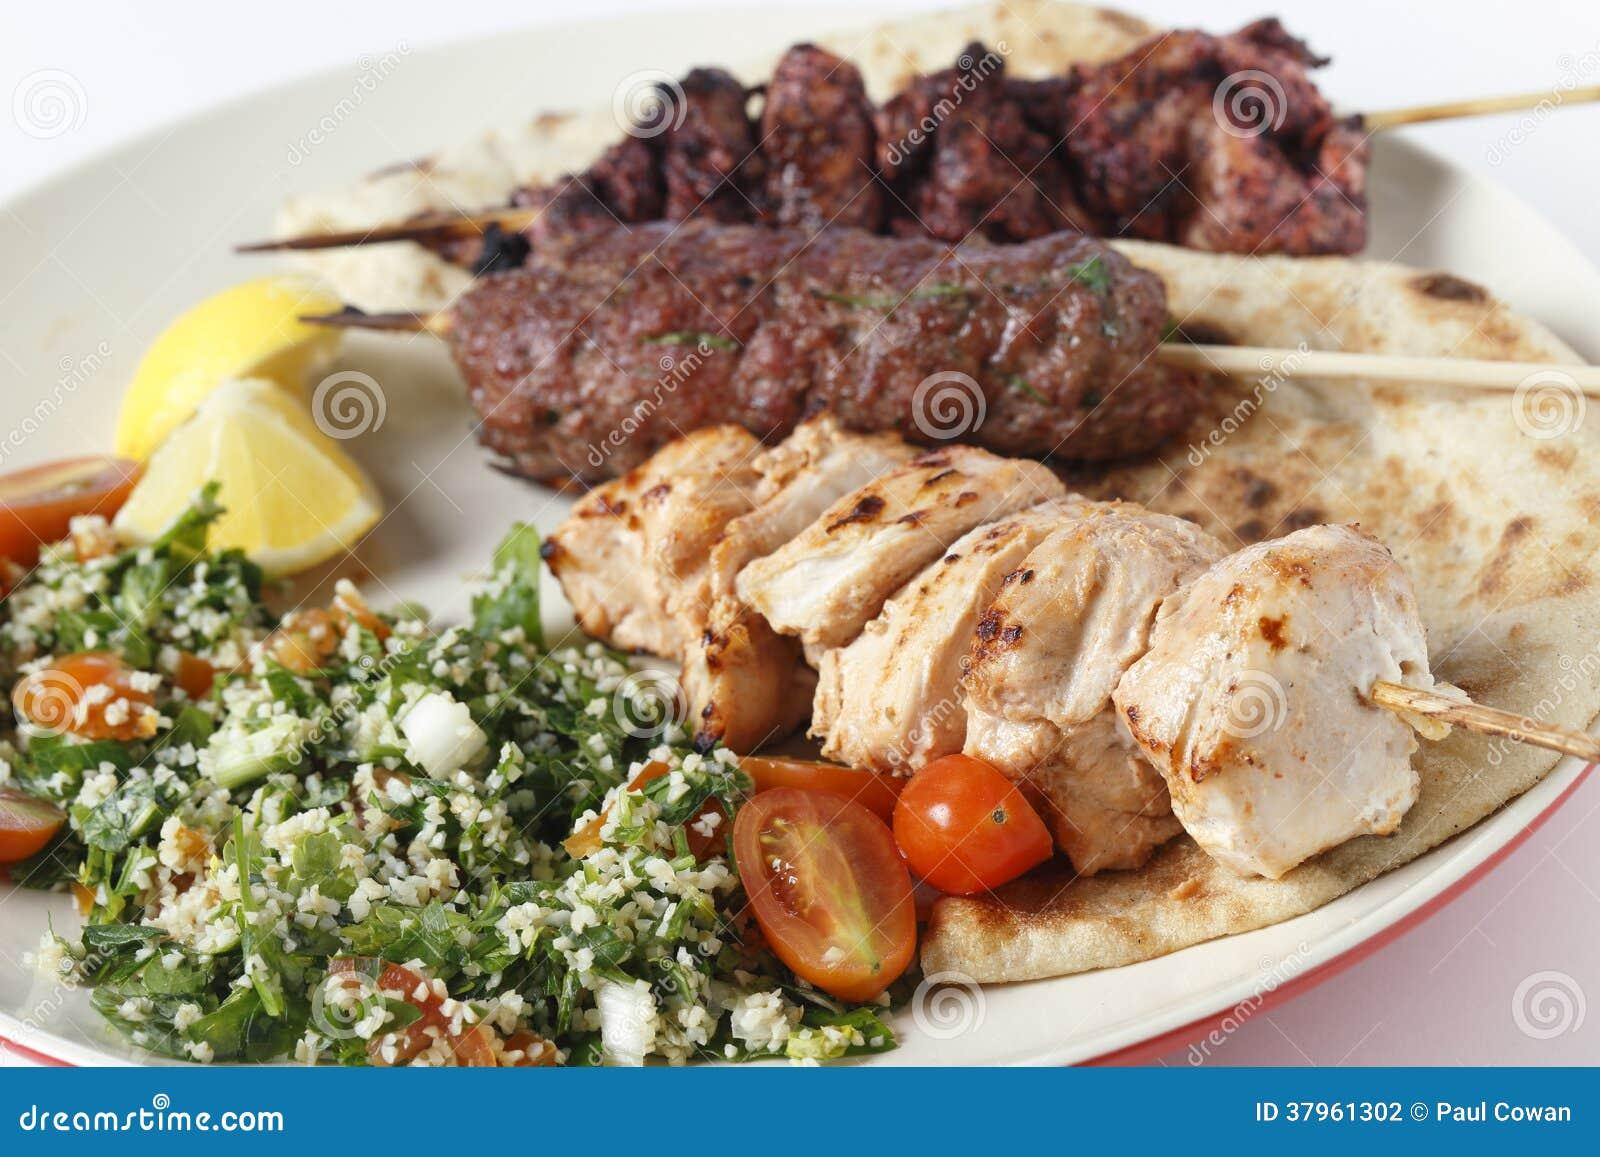 Kebabebbq maaltijdclose-up